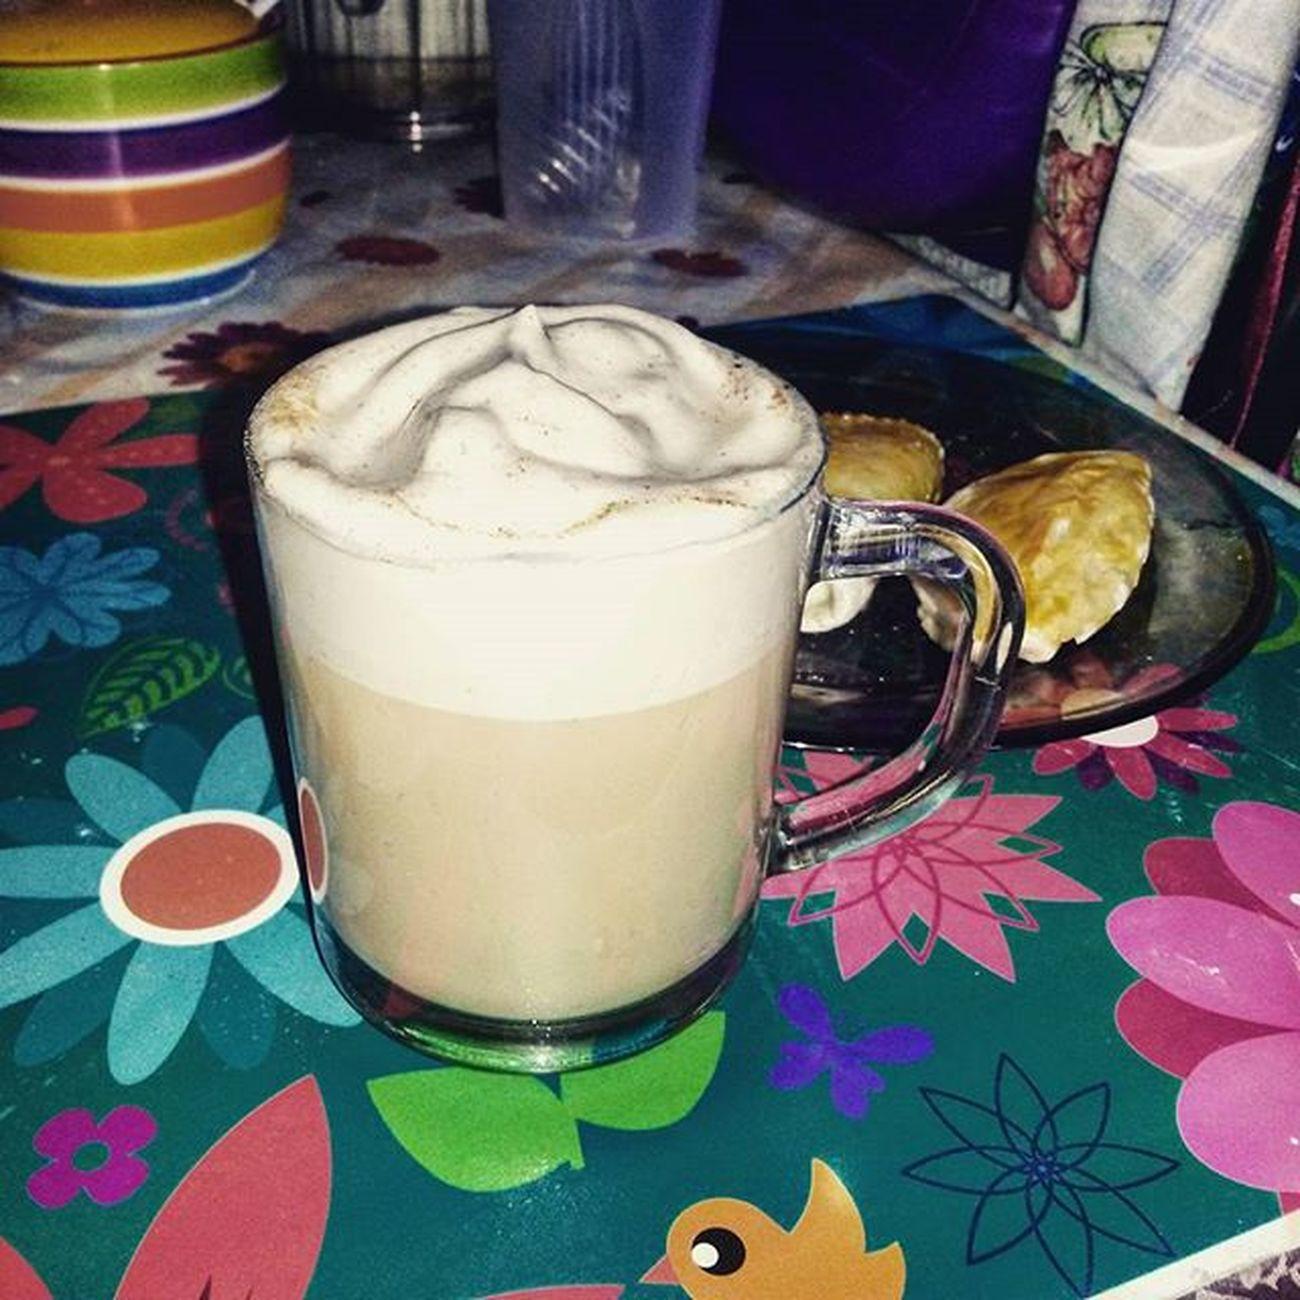 Денёк не оч, погода не радует, но любимые вкусняхи поднимают настроение с самого утра❤🙌 Eating Instafood Coffee Latte Nescafe Breakfast Love Pretty Delicious Mellow пп Fit Body Goodtime